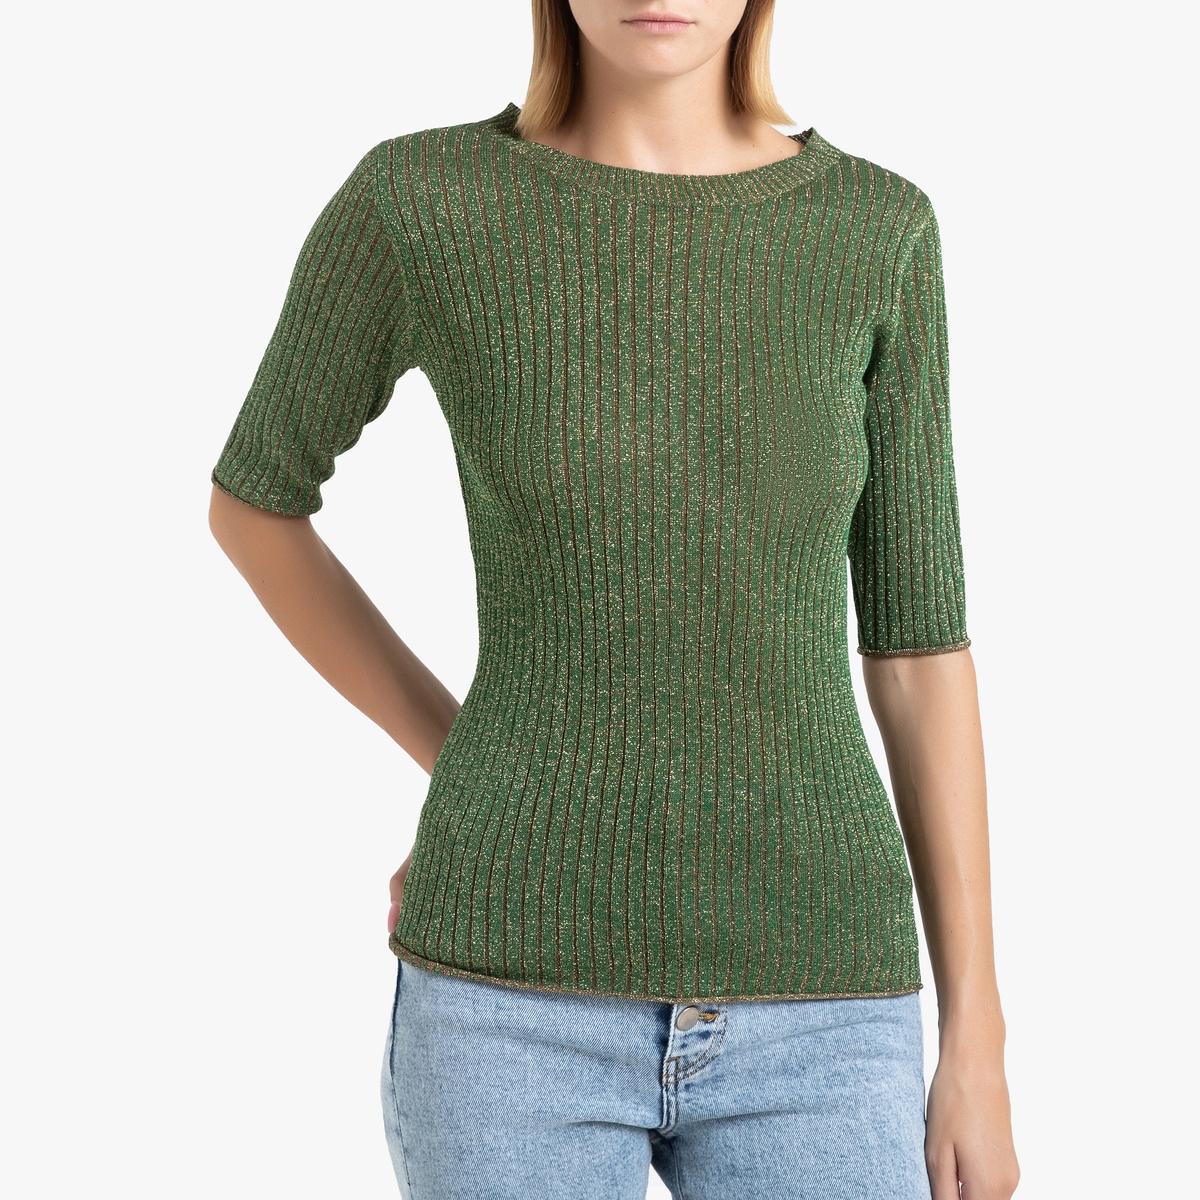 цена Пуловер La Redoute С круглым вырезом из блестящего трикотажа GLITTER 40 (FR) - 46 (RUS) зеленый онлайн в 2017 году